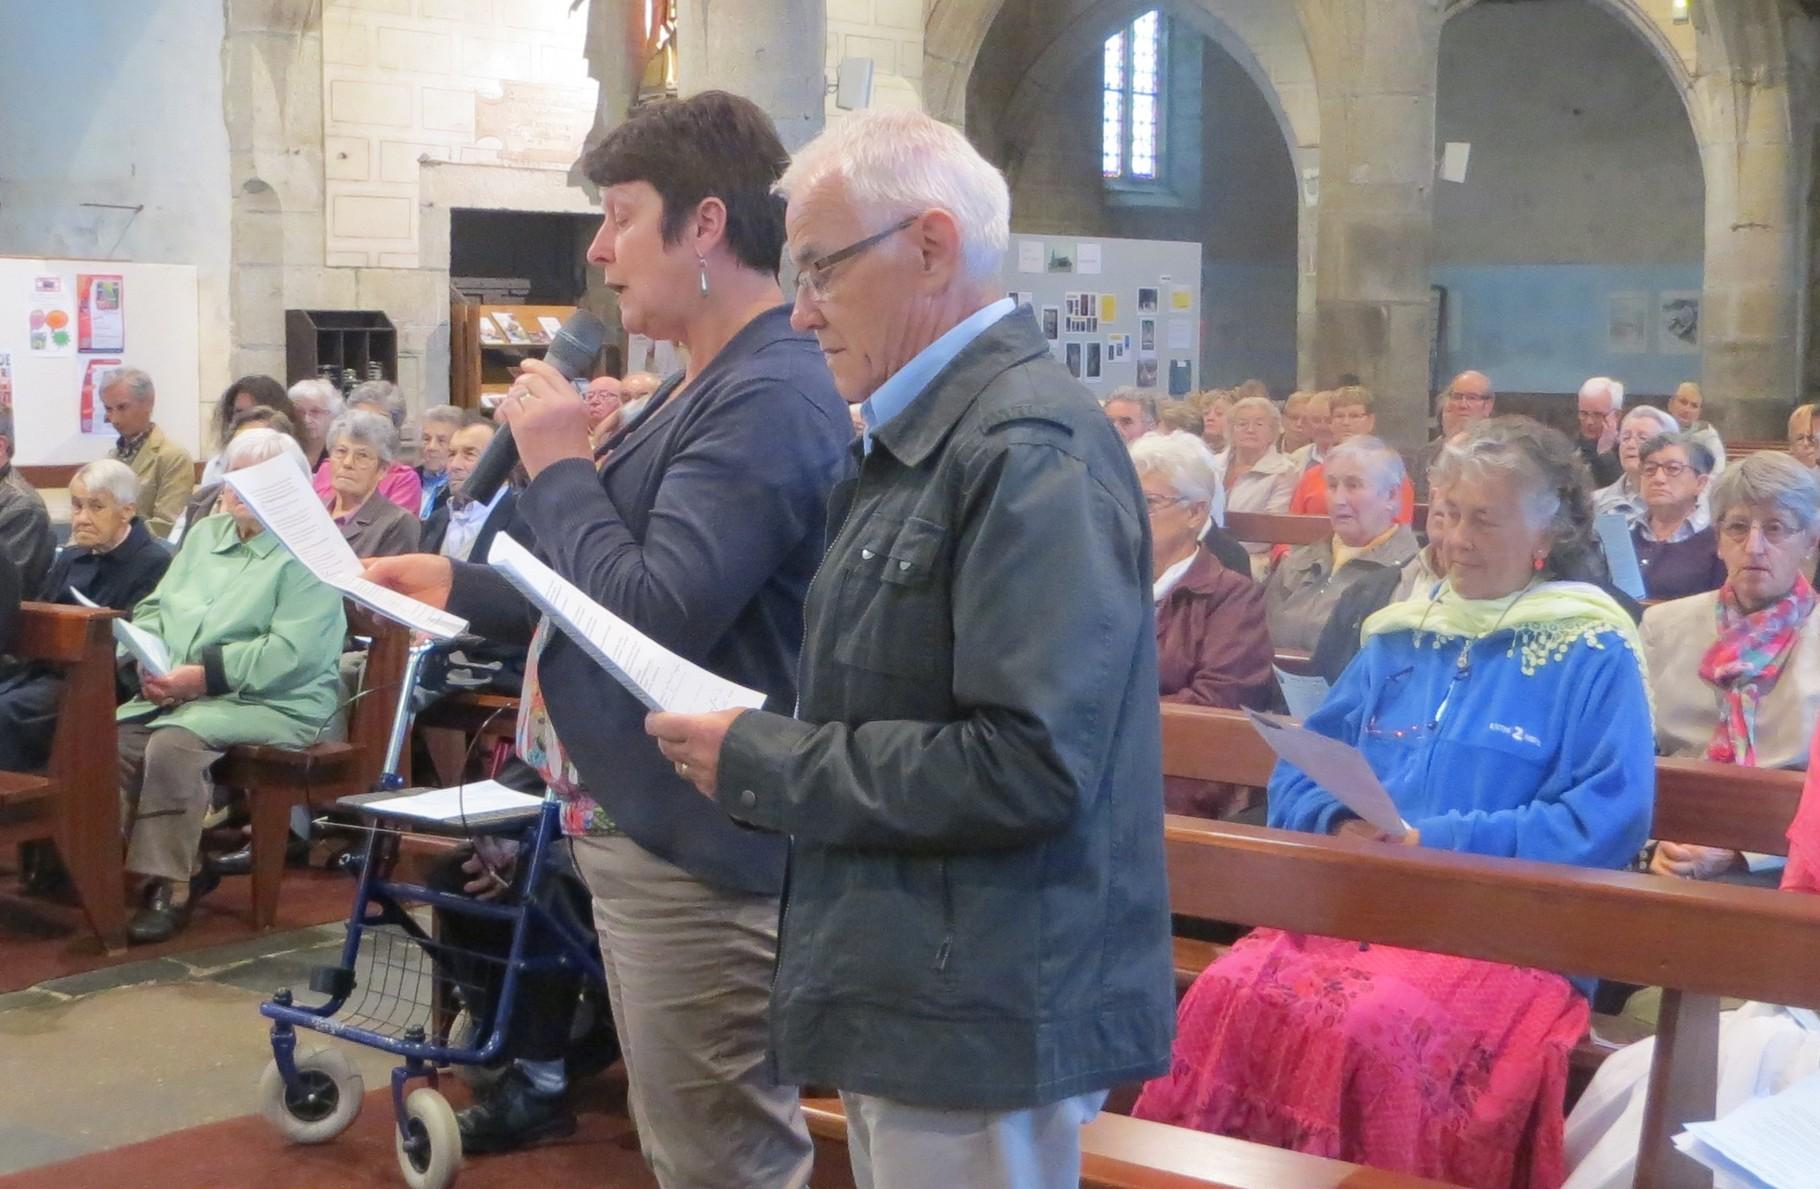 Petit mot de remerciement  de la communauté paroissiale adressé par les voix de Christiane GUYADER et François GUILLERM